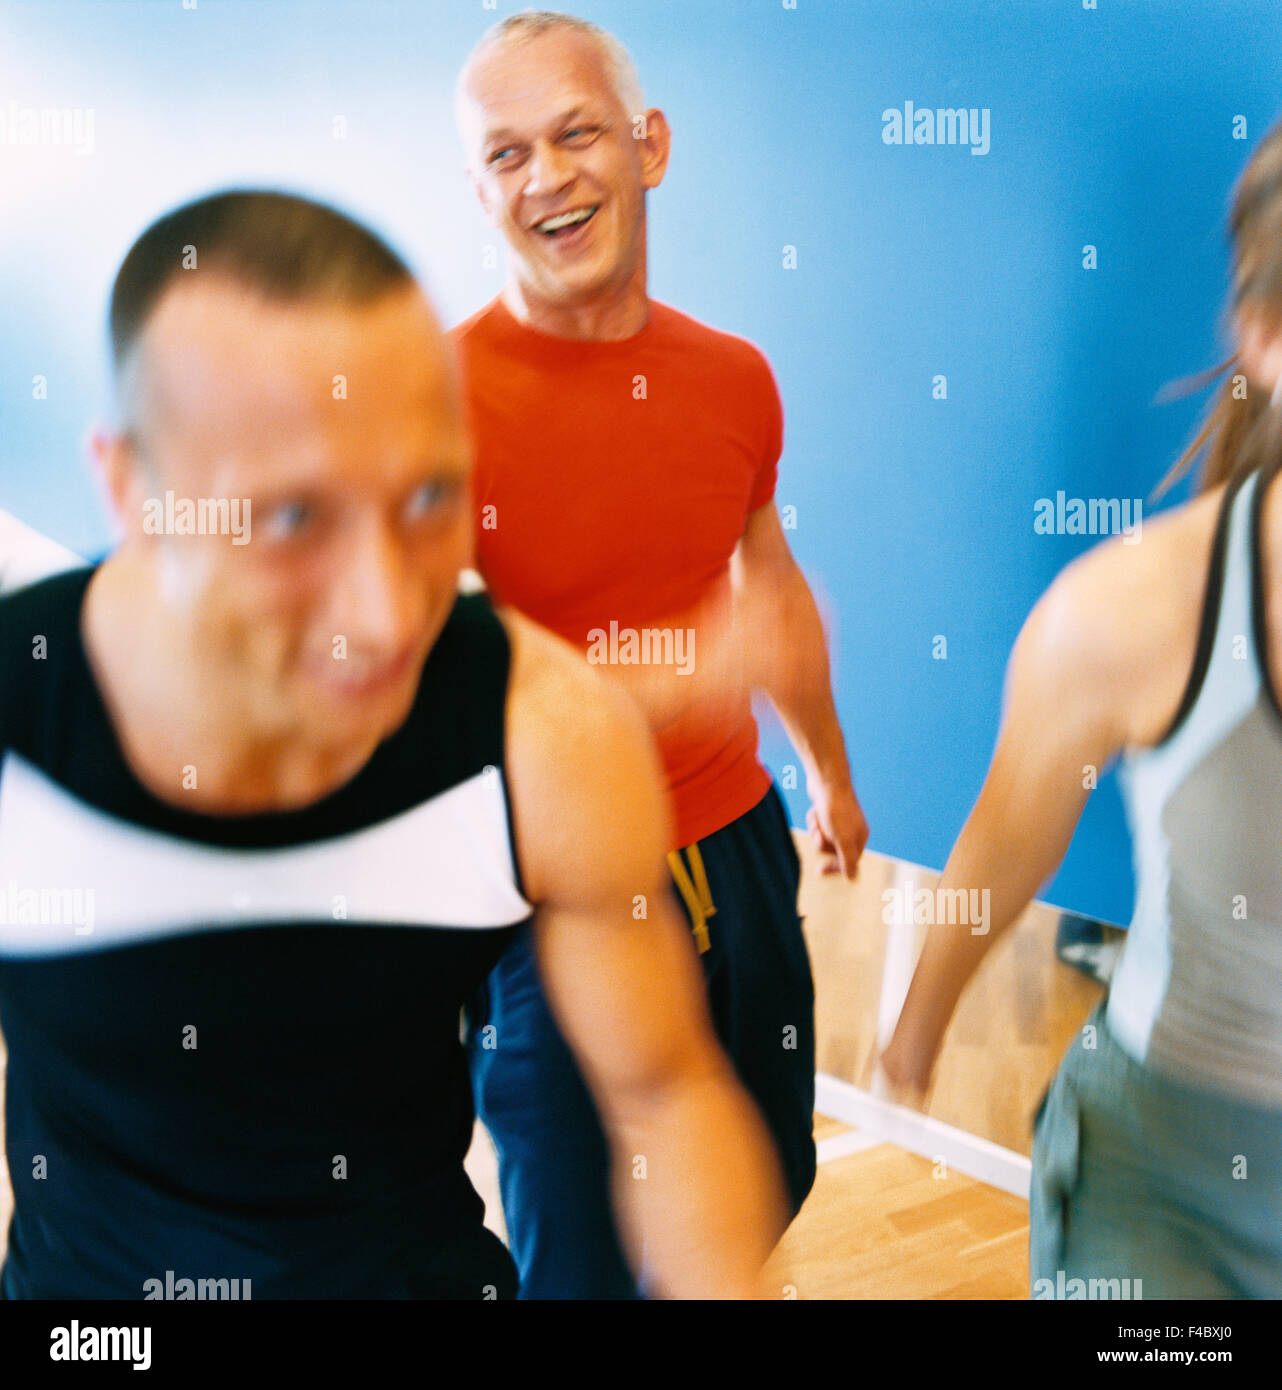 30-34 AÑOS 70-74 AÑOS 75-79 AÑOS actividad solo adultos aerobic atleta bodybuilding color image anciano Imagen De Stock